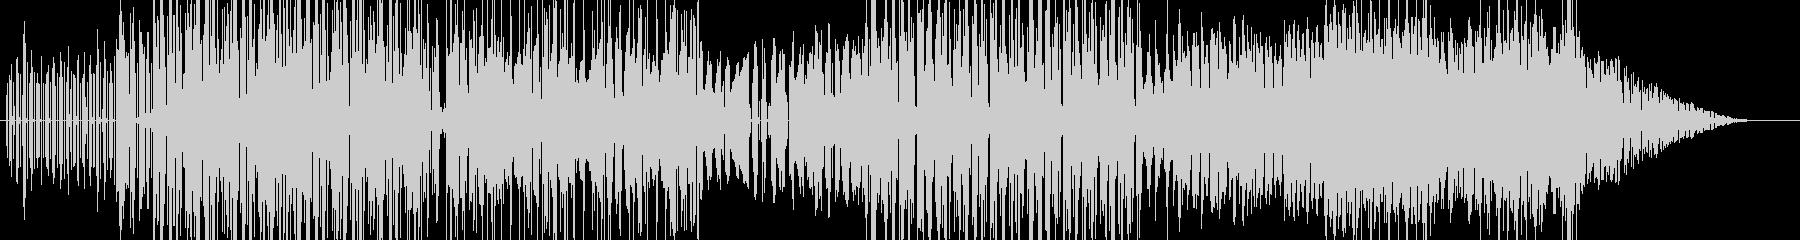 シンセサイザーを使った勢いのあるBGMの未再生の波形